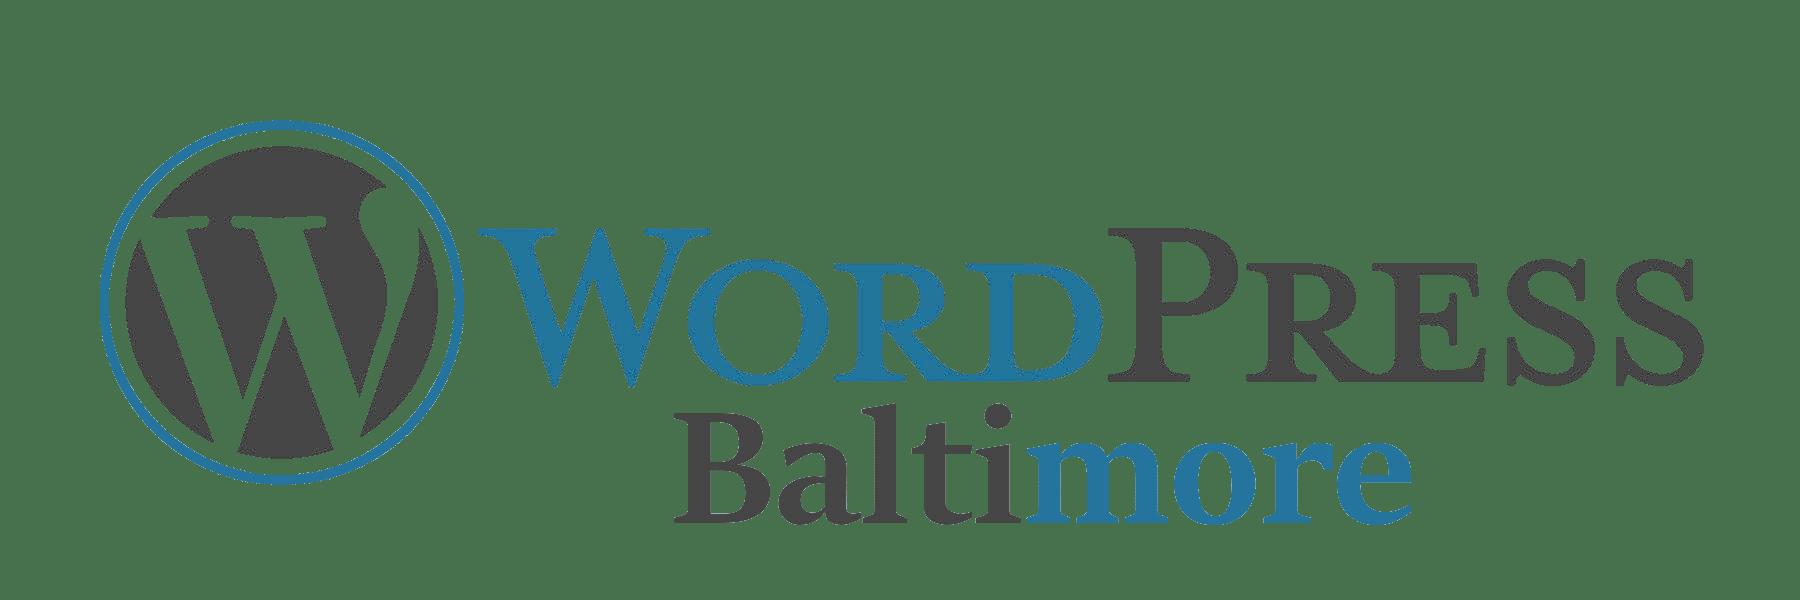 WordPress Baltimore